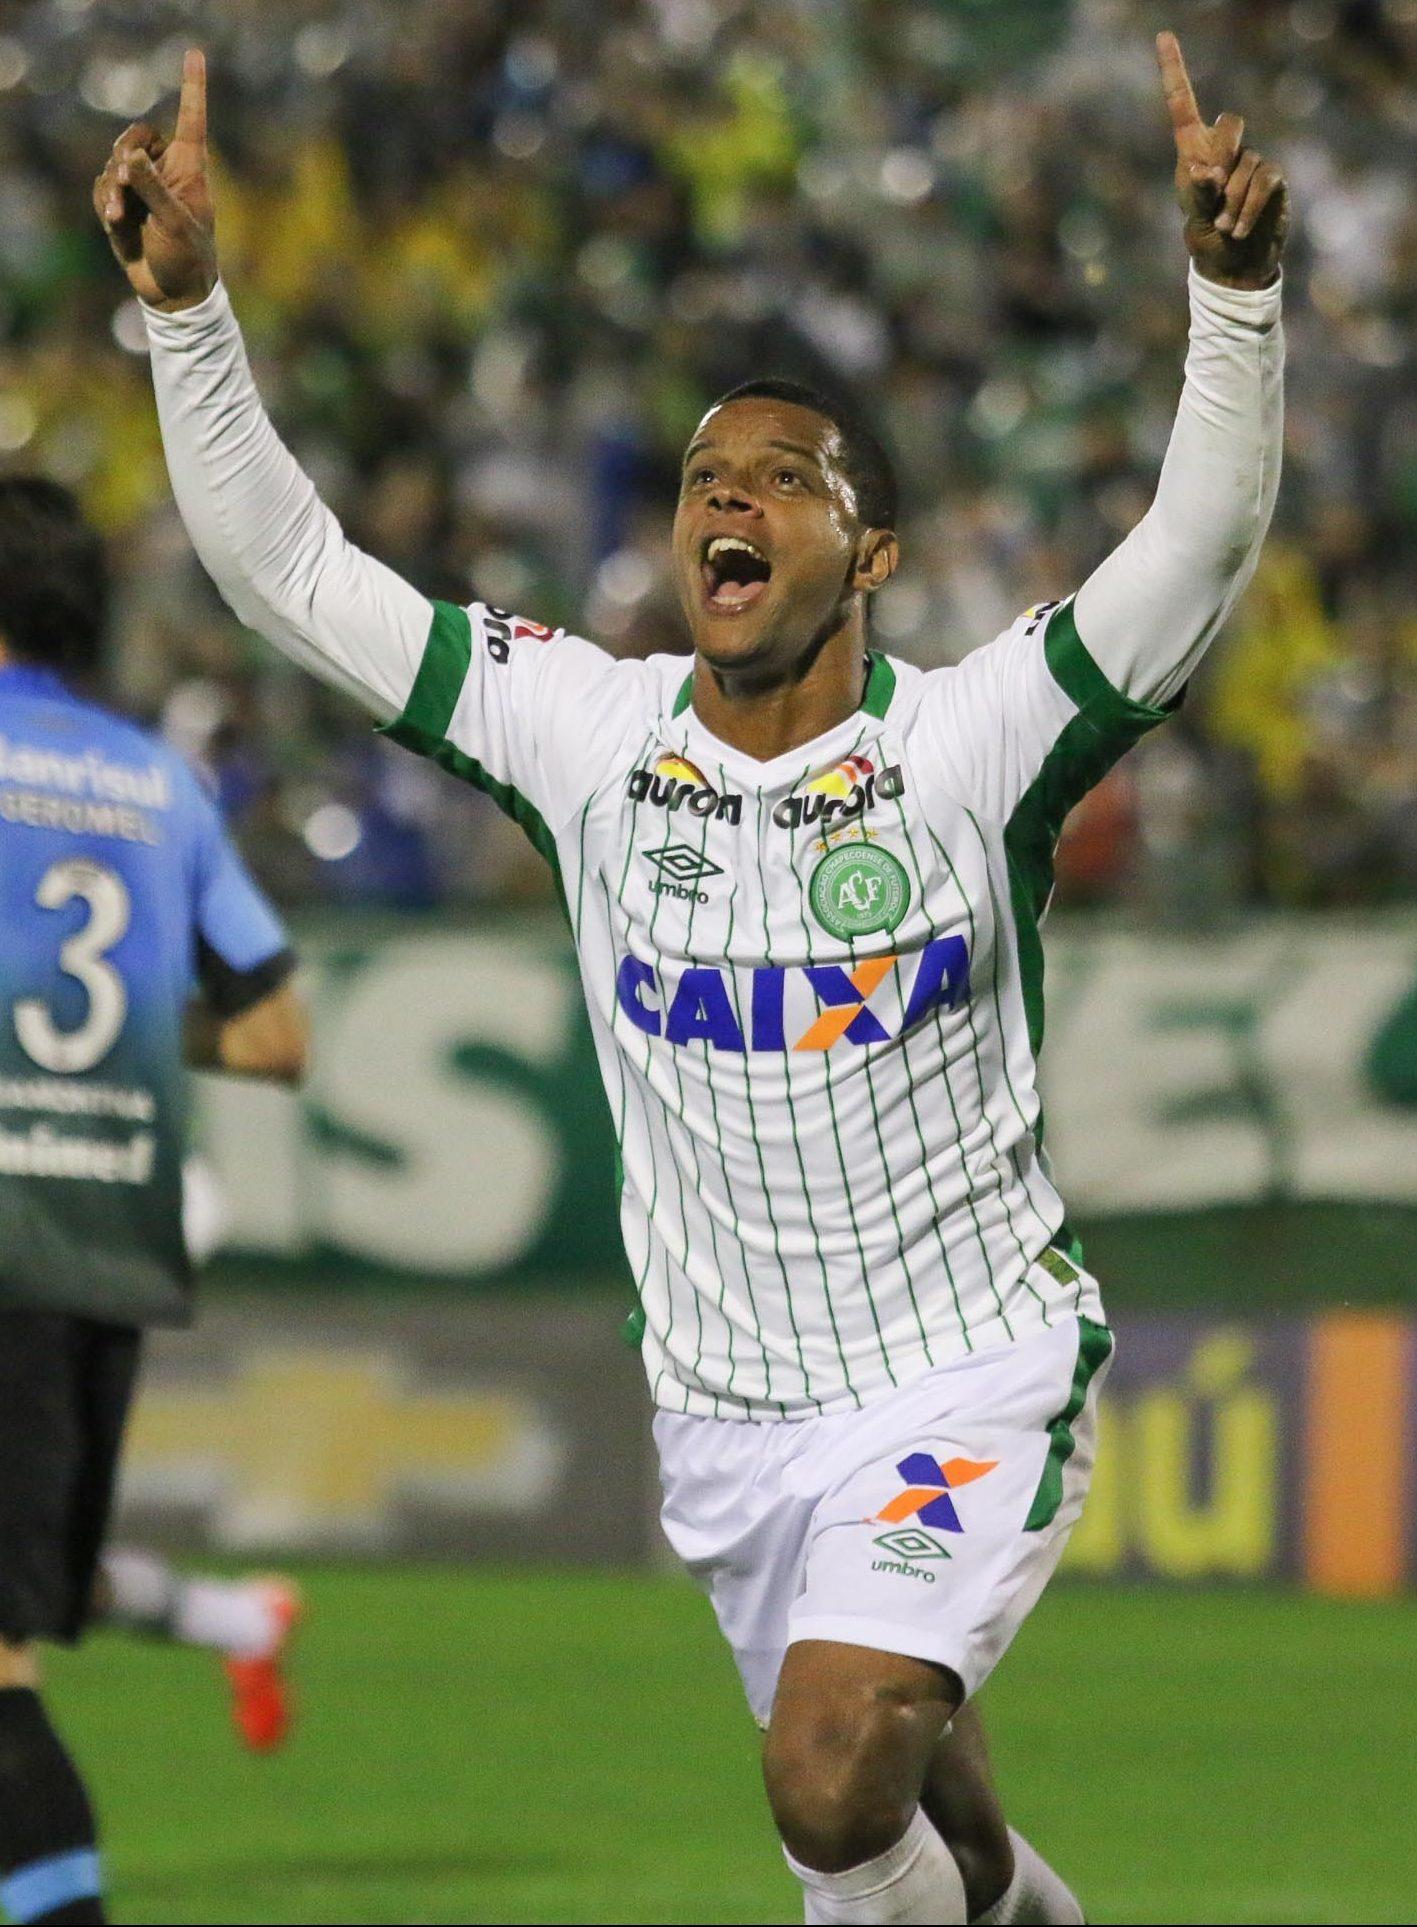 Atacante Bruno Rangel, maior artilheiro do clube, está entre as vítimas. Foto: O Globo